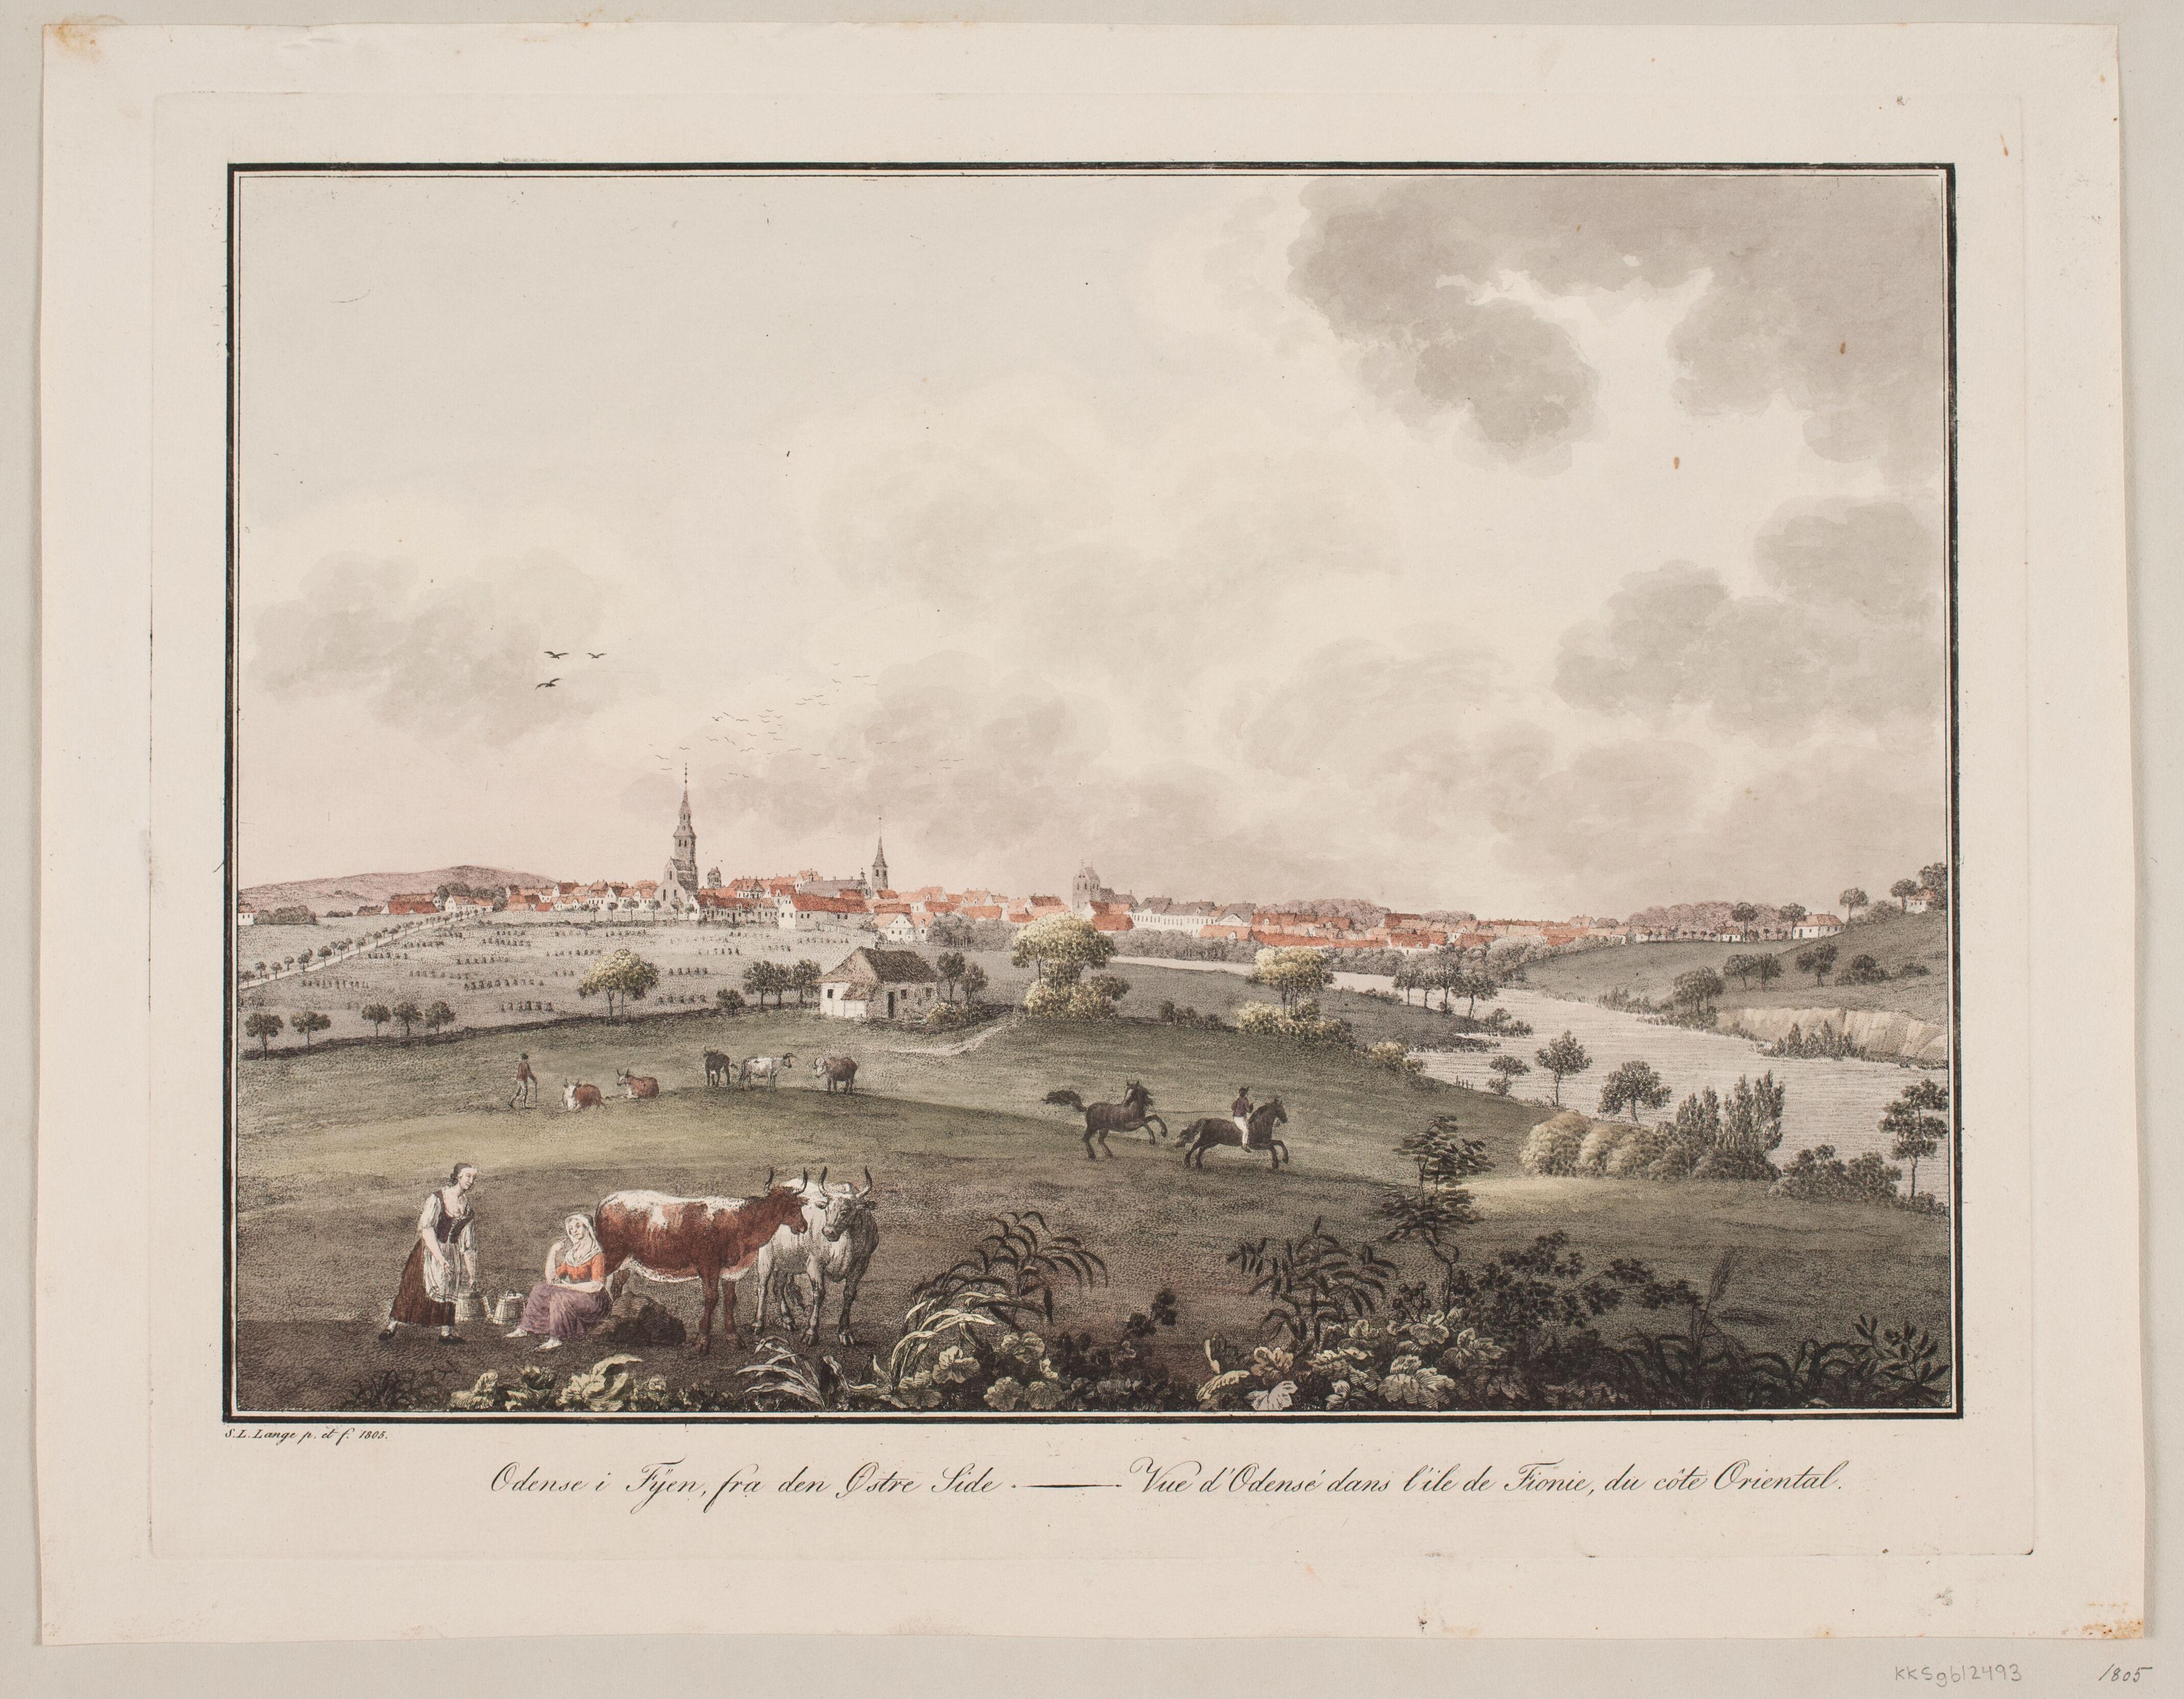 Som S.L. Lange så de fynske malkekøer i 1804-05